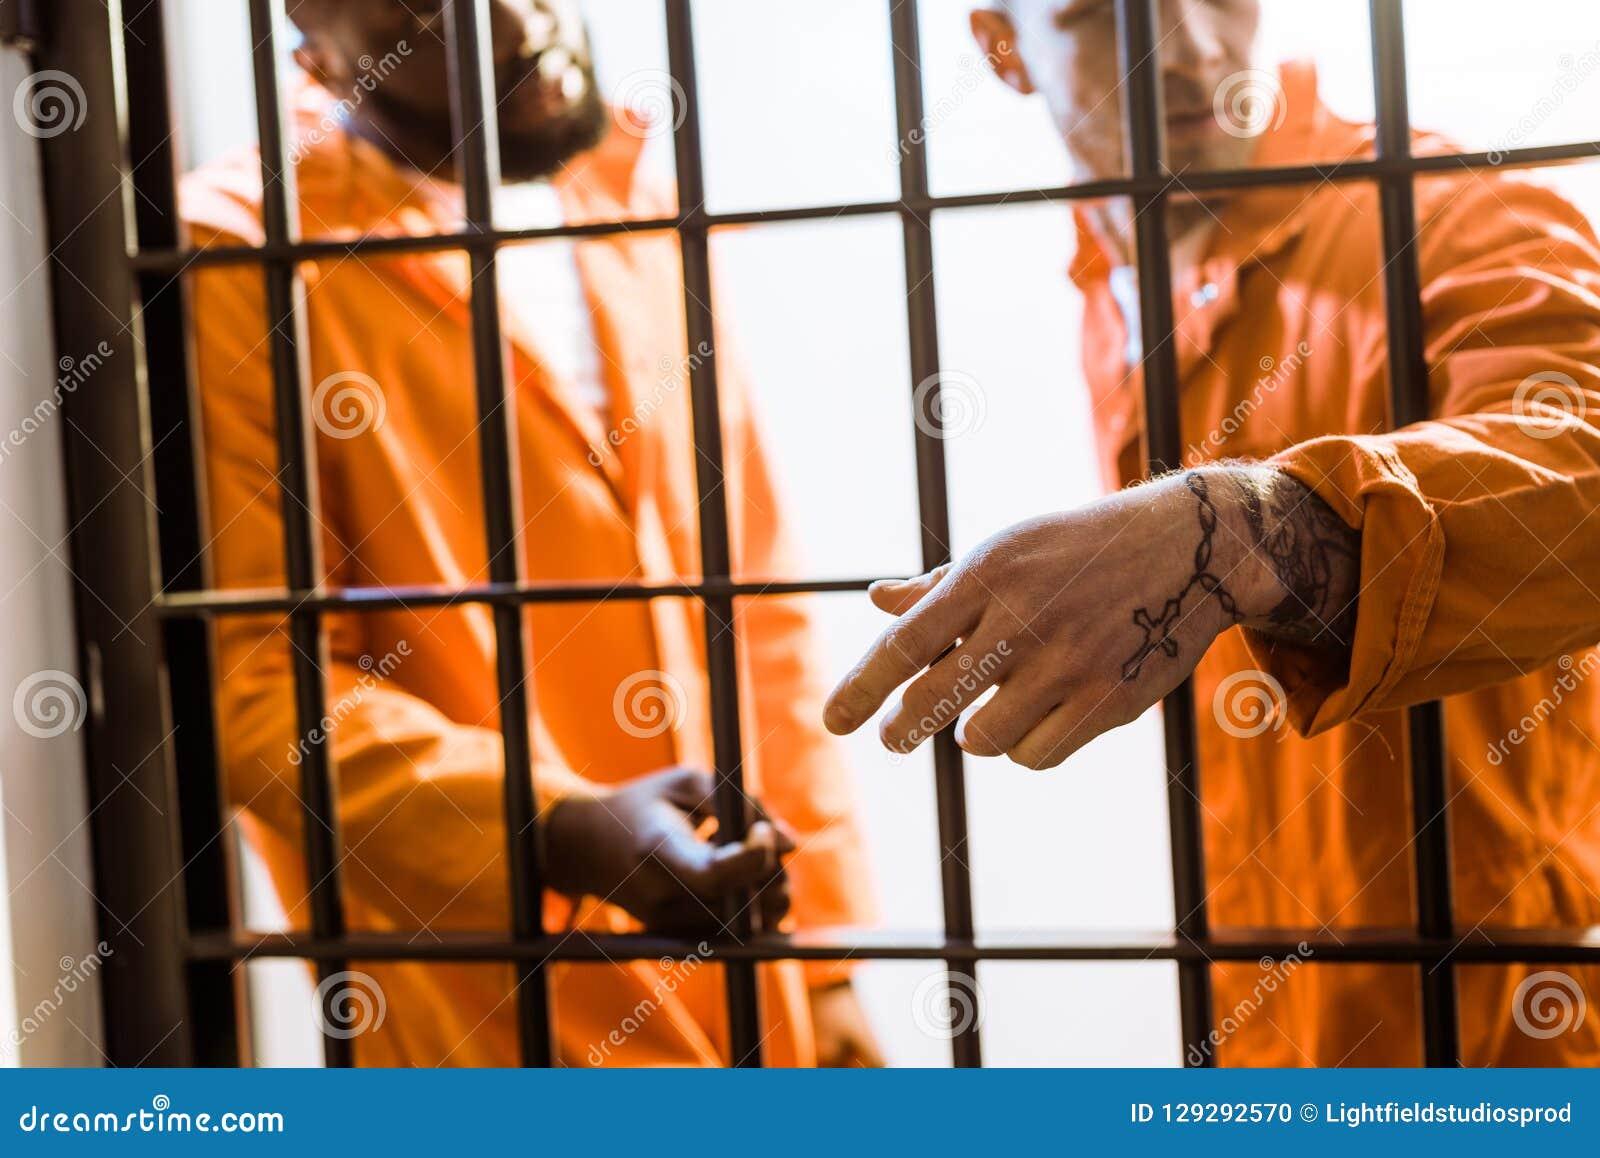 Multikulturelle Gefangene, die nahe Gefängnisstangen stehen